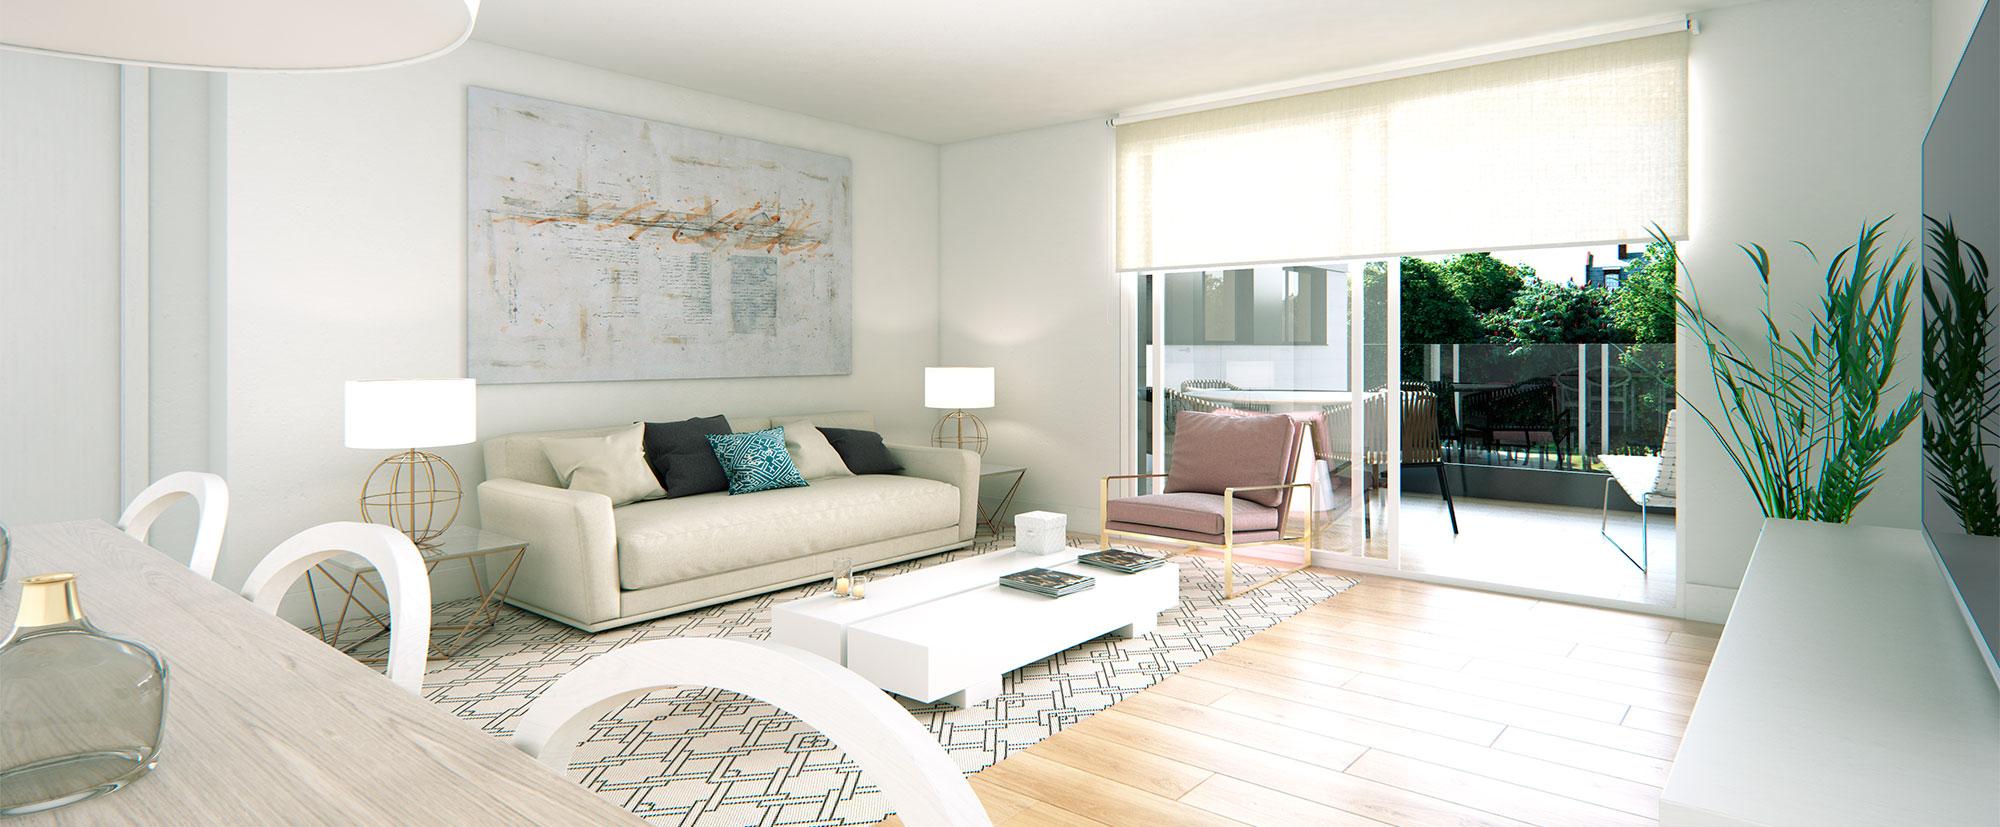 Pisos nuevos en alcobendas top top pisos nuevos en alcobendas with pisos nuevos en alcobendas - Pisos en venta en alcobendas ...